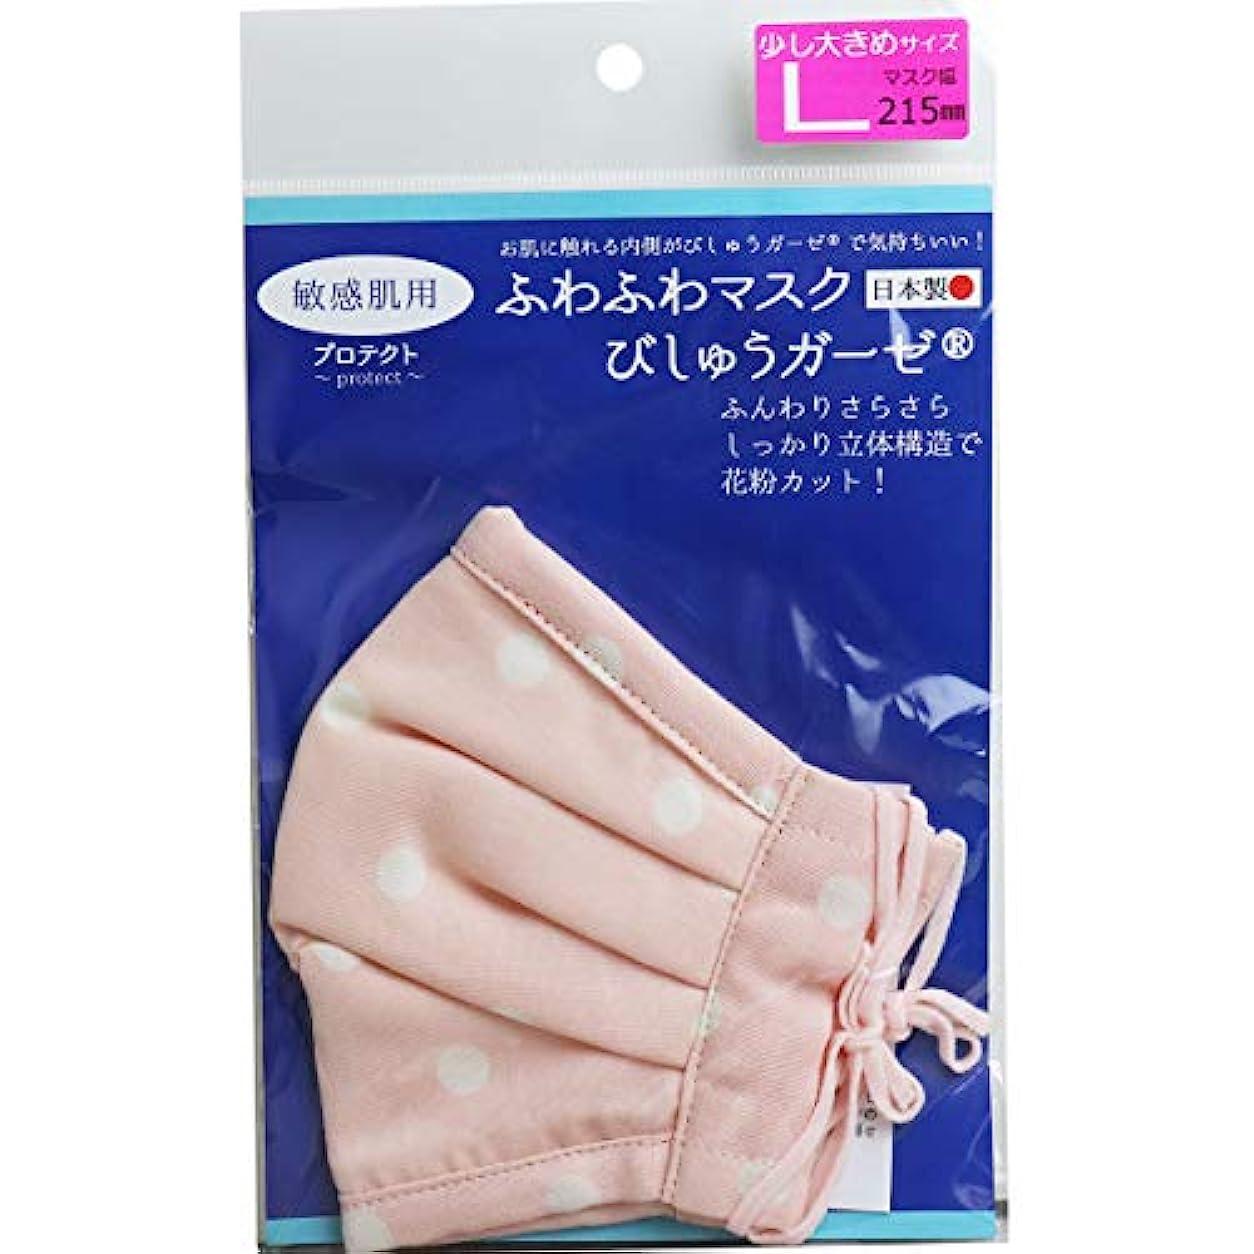 主婦リスト異形ふわふわマスク びしゅうガーゼ 敏感肌用 ピンクドット 少し大きめサイズ 1枚入×10個セット